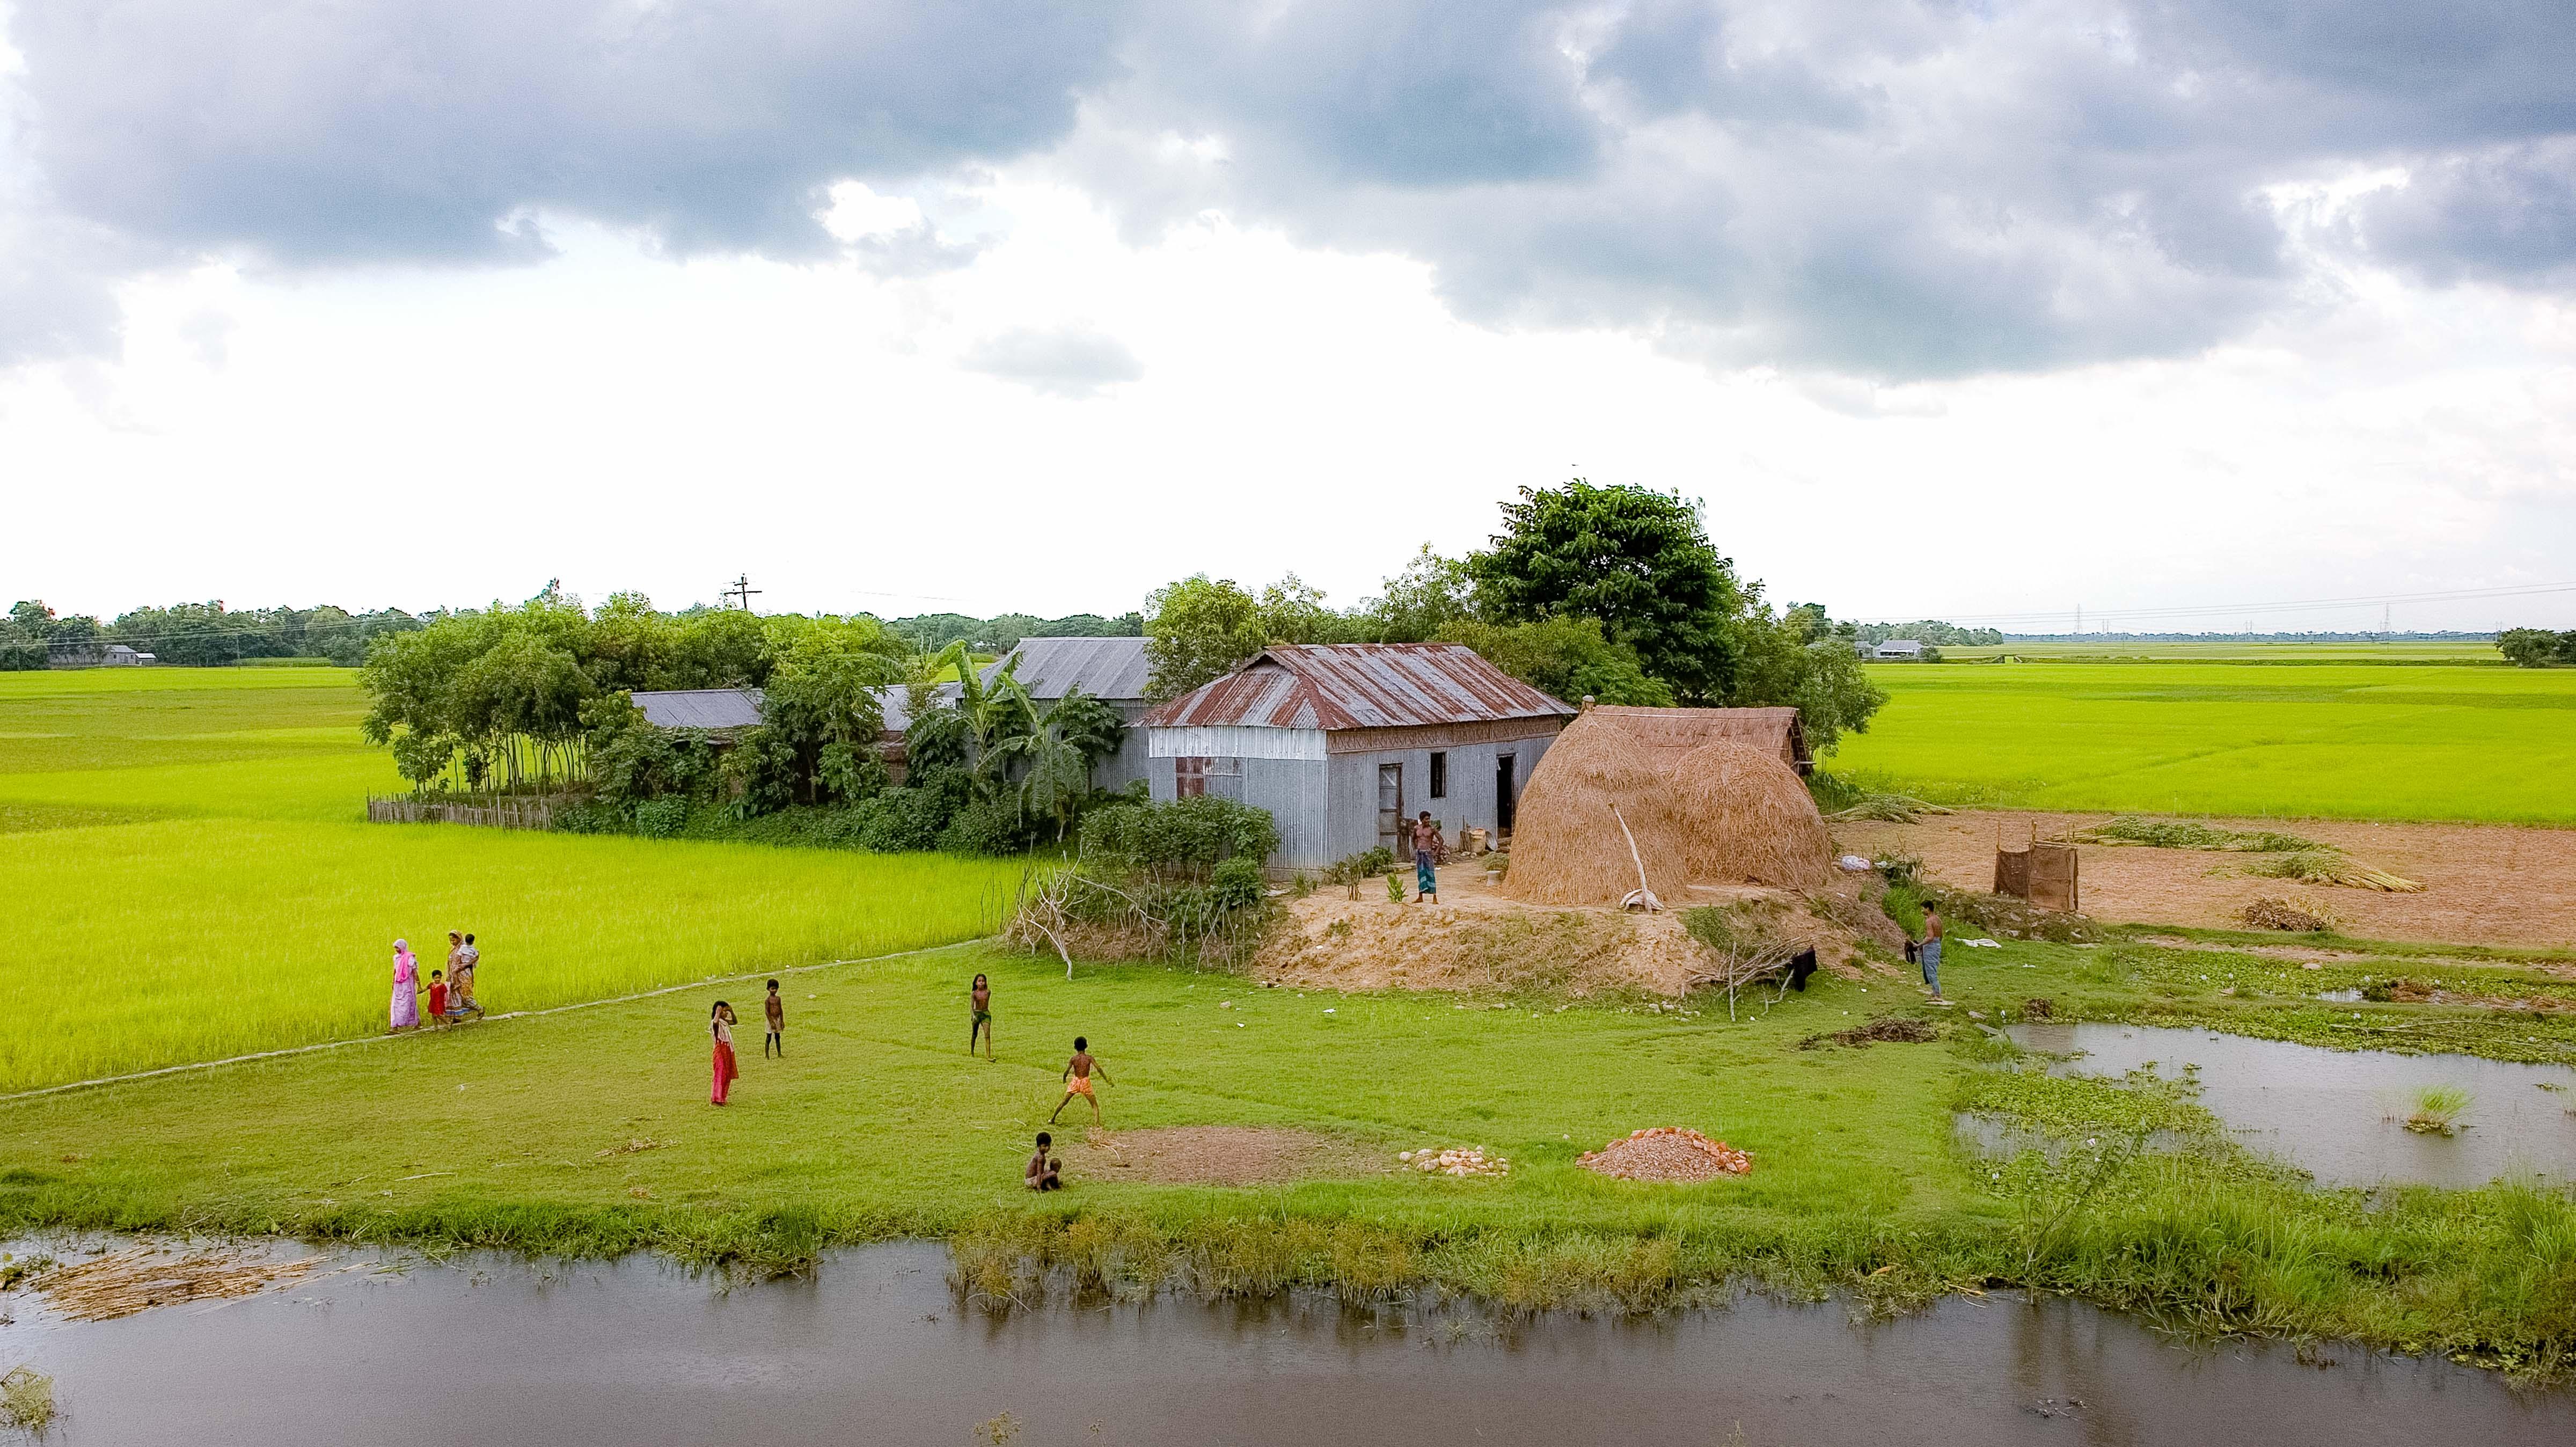 Bangladesh, Habiganj Prov, Farm House, 2009, IMG 8438